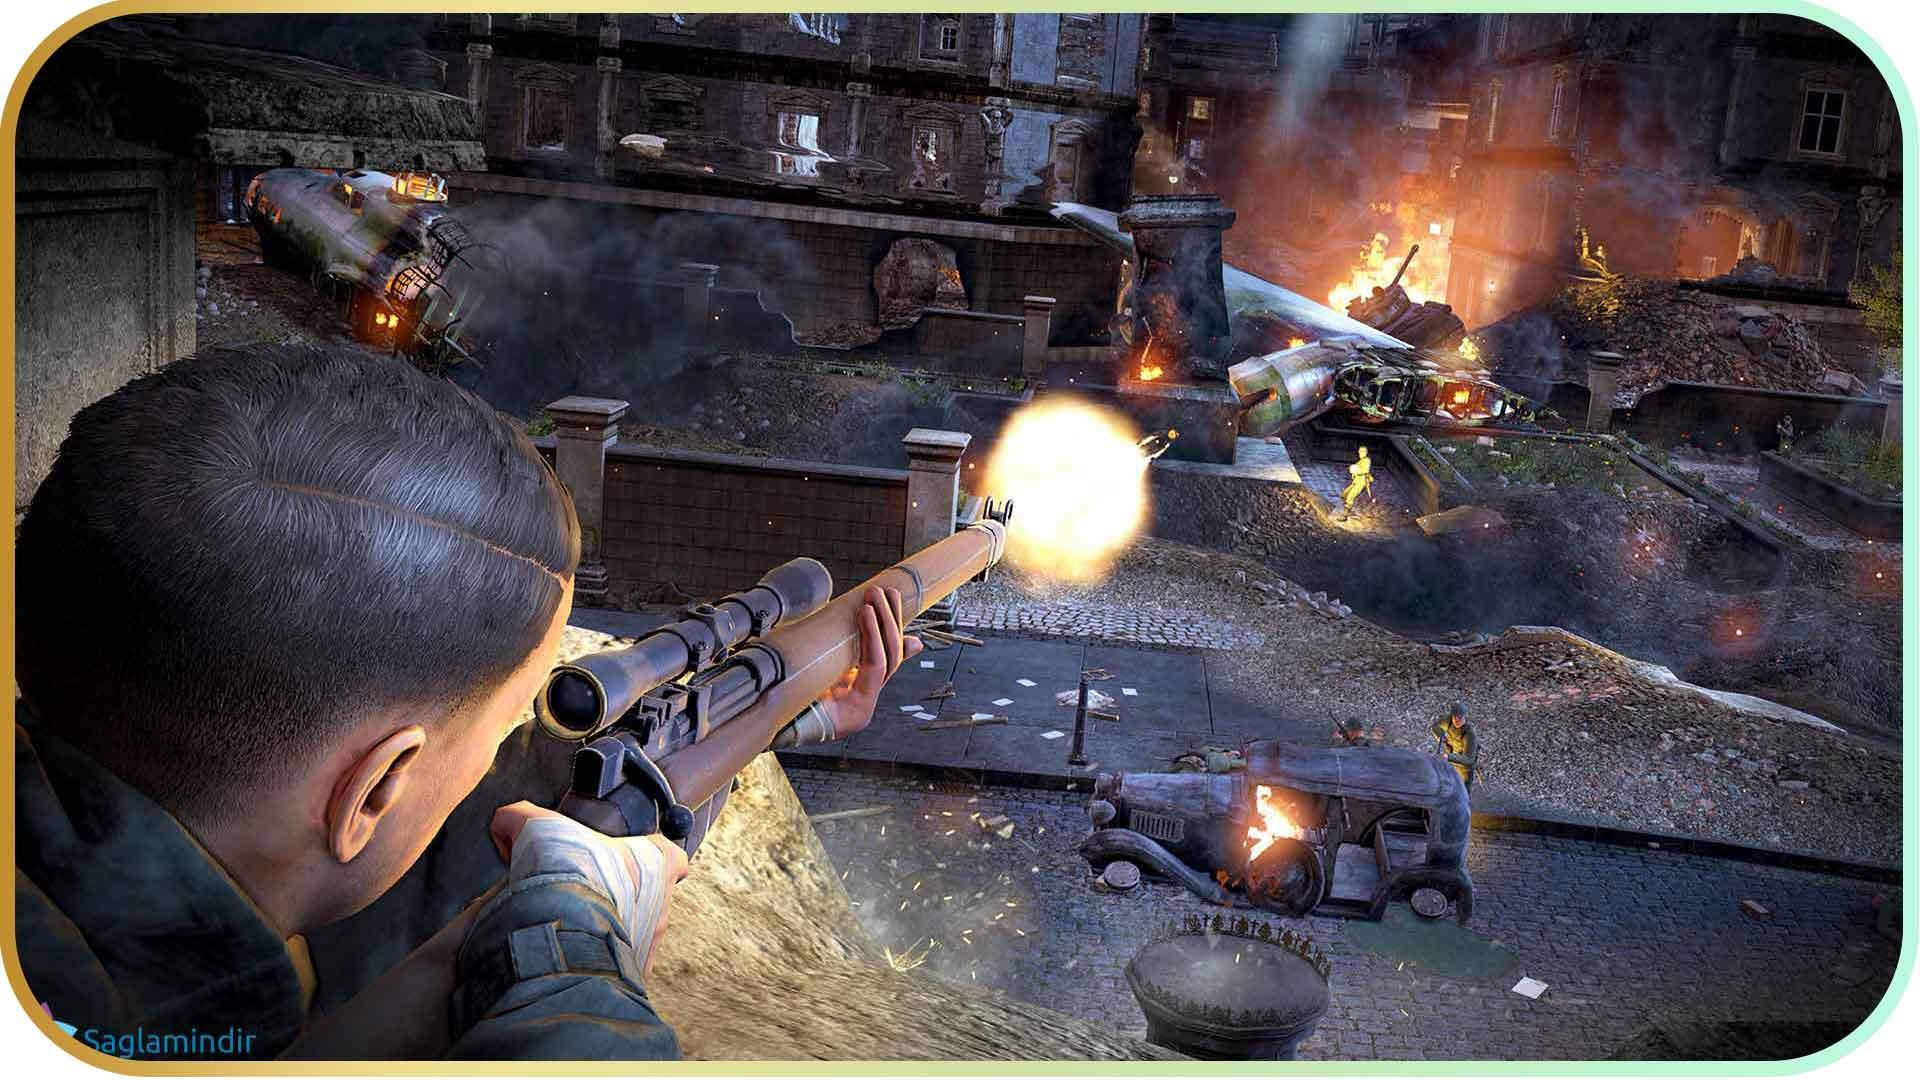 Sniper Elite V2 Remastered saglamindir